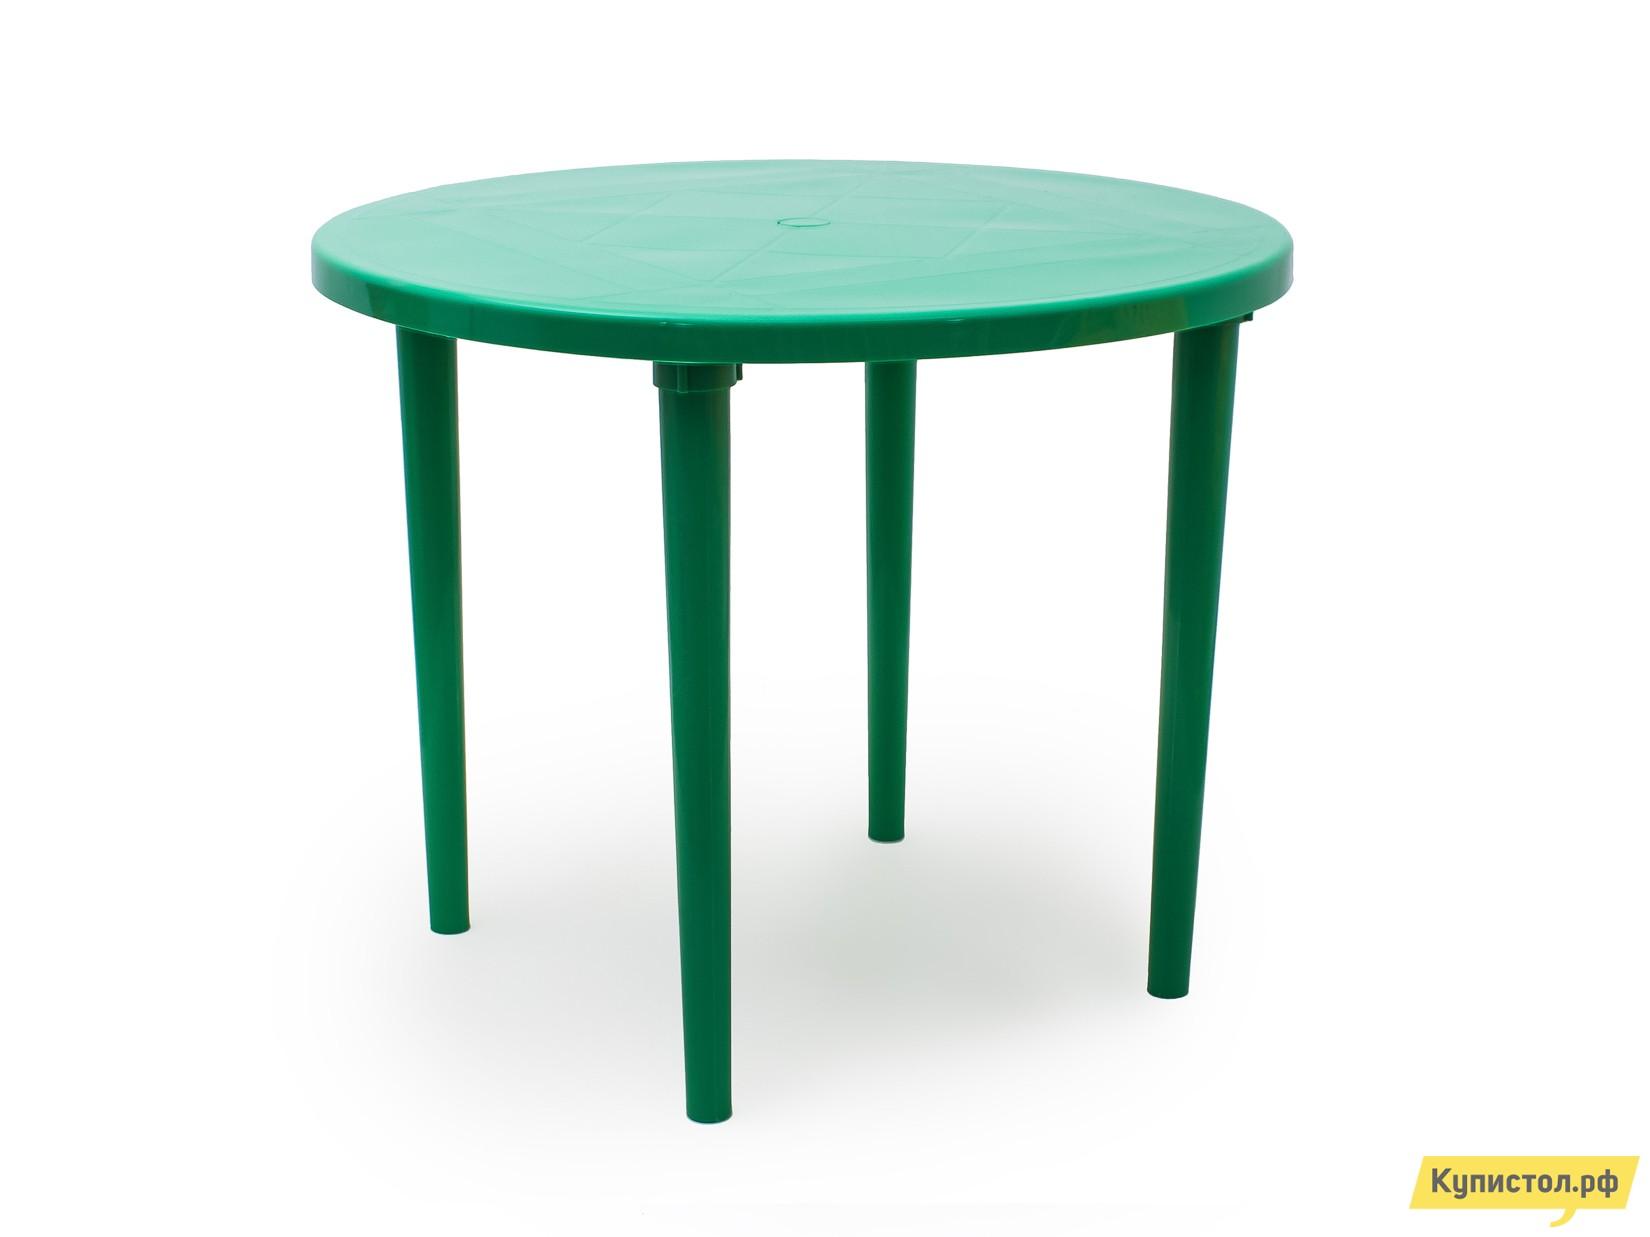 Пластиковый стол Стандарт Пластик Стол круглый